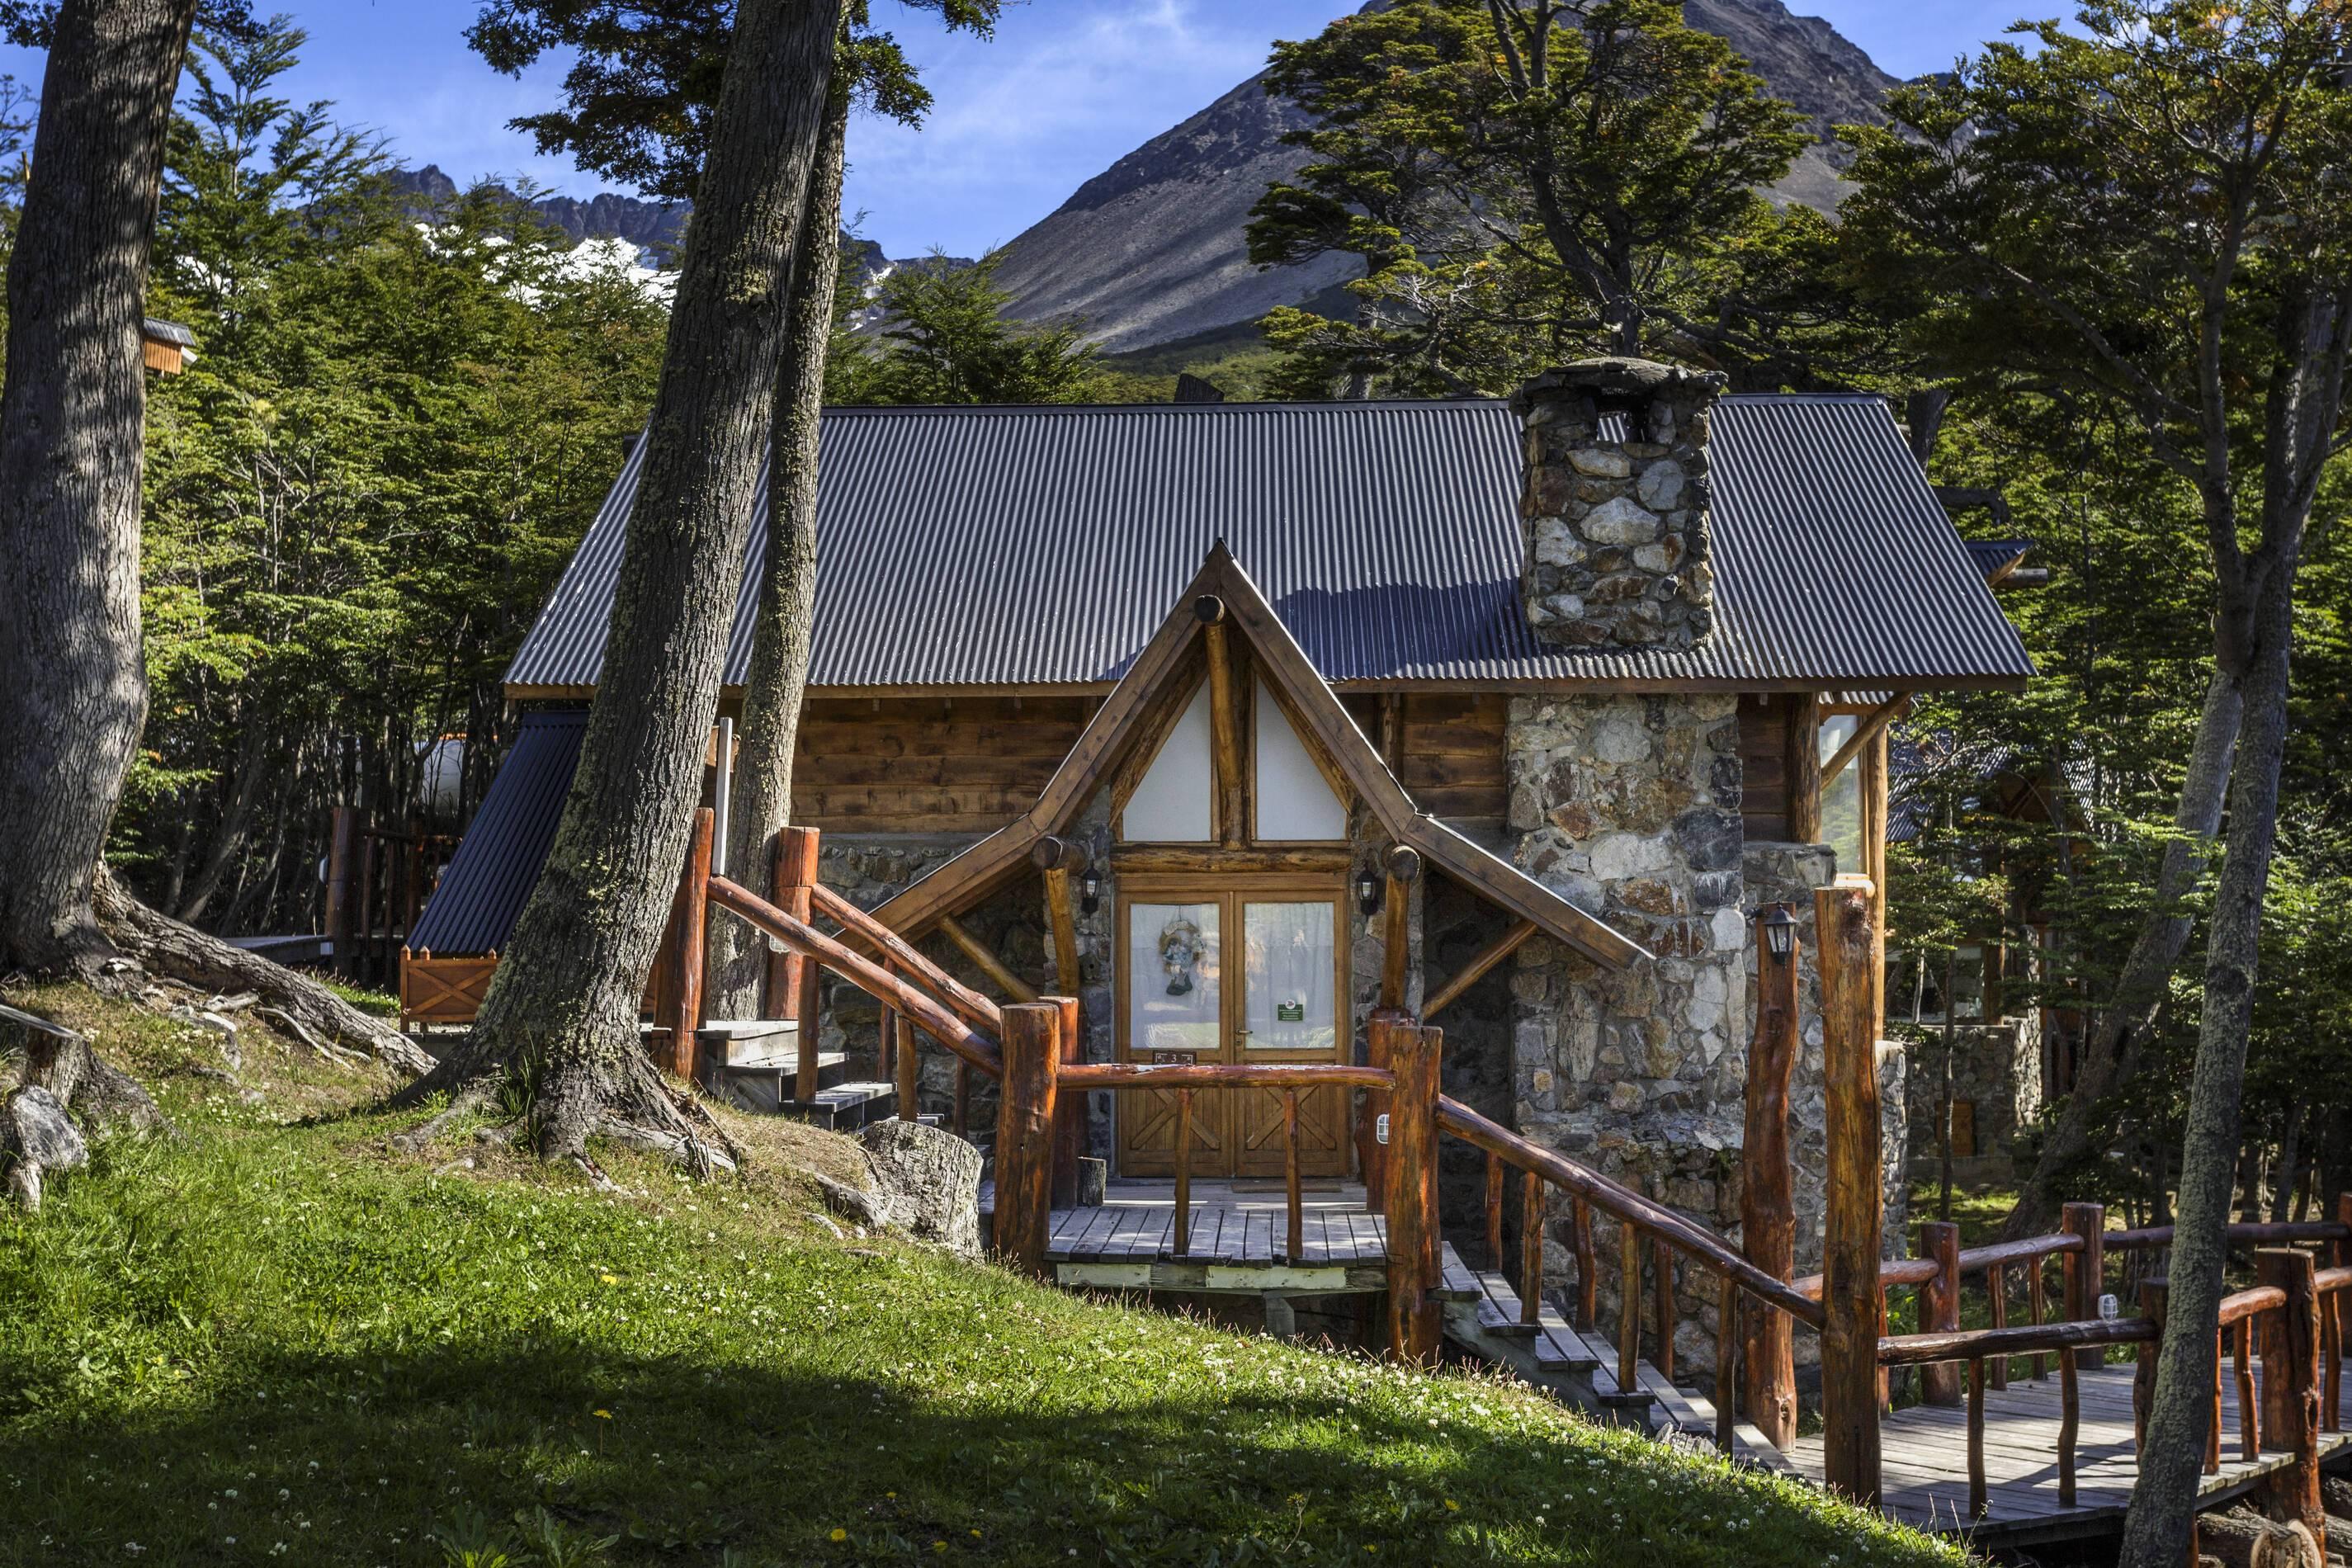 Ushuahia Cumbres del Martial